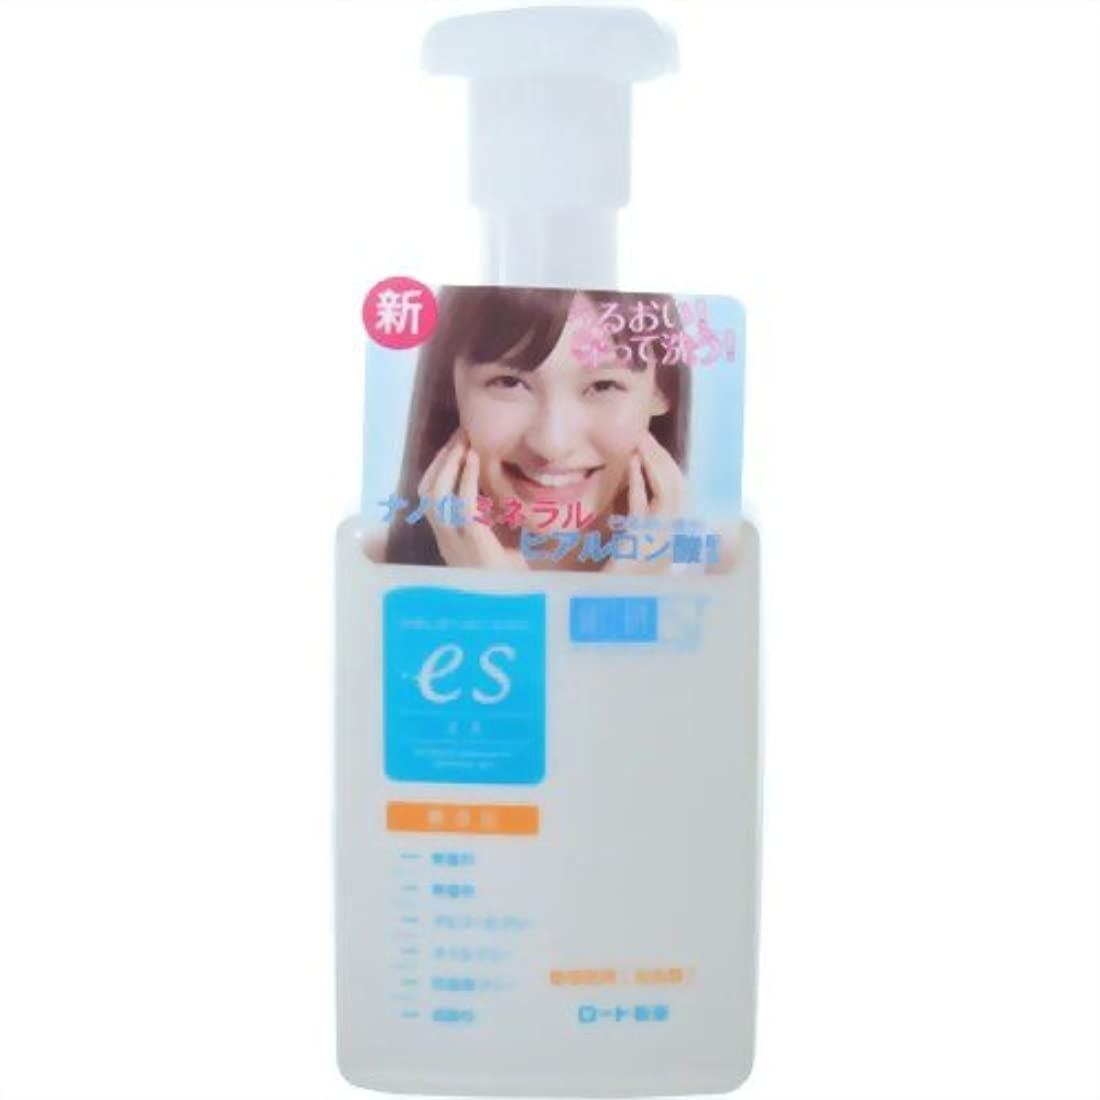 について規則性として肌ラボ es(エス)ナノ化ミネラルヒアルロン酸配合 無添加処方 洗顔泡タイプ 160ml